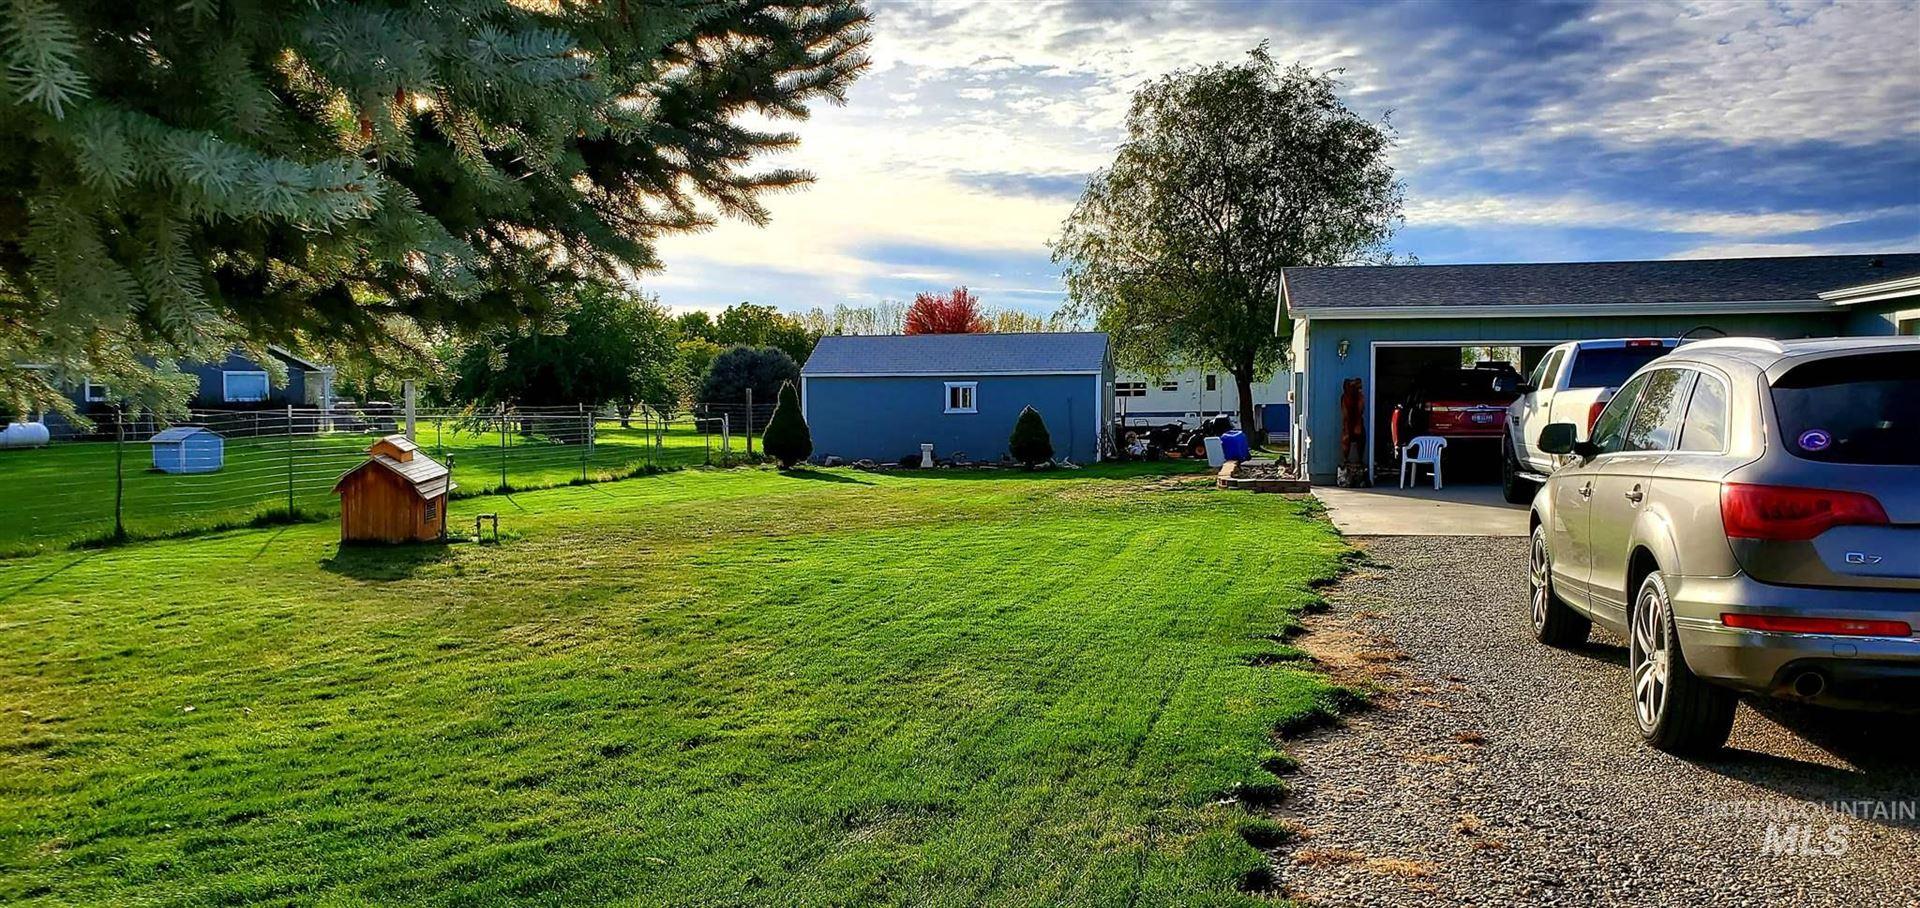 Photo of 1954 W Idaho Blvd, Emmett, ID 83617 (MLS # 98784508)